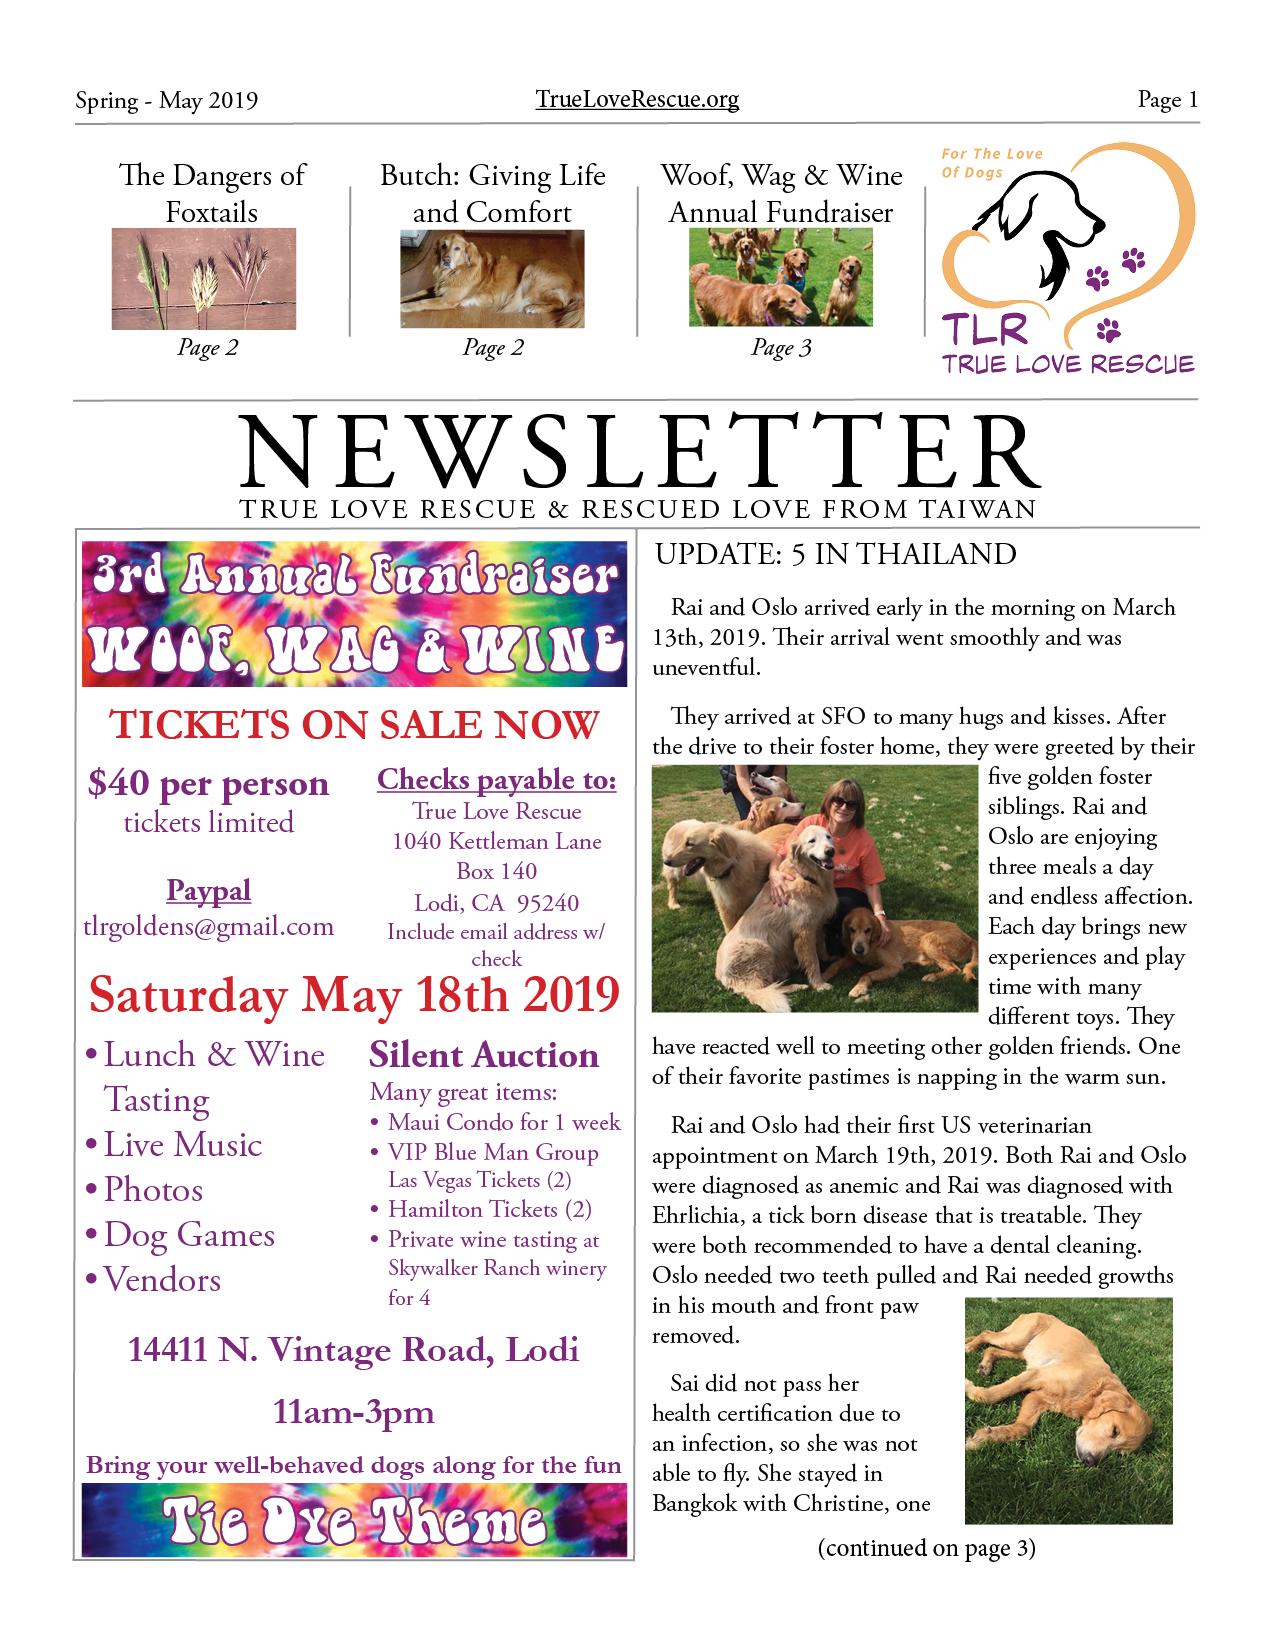 TLR Newsletter Spring 2019.png